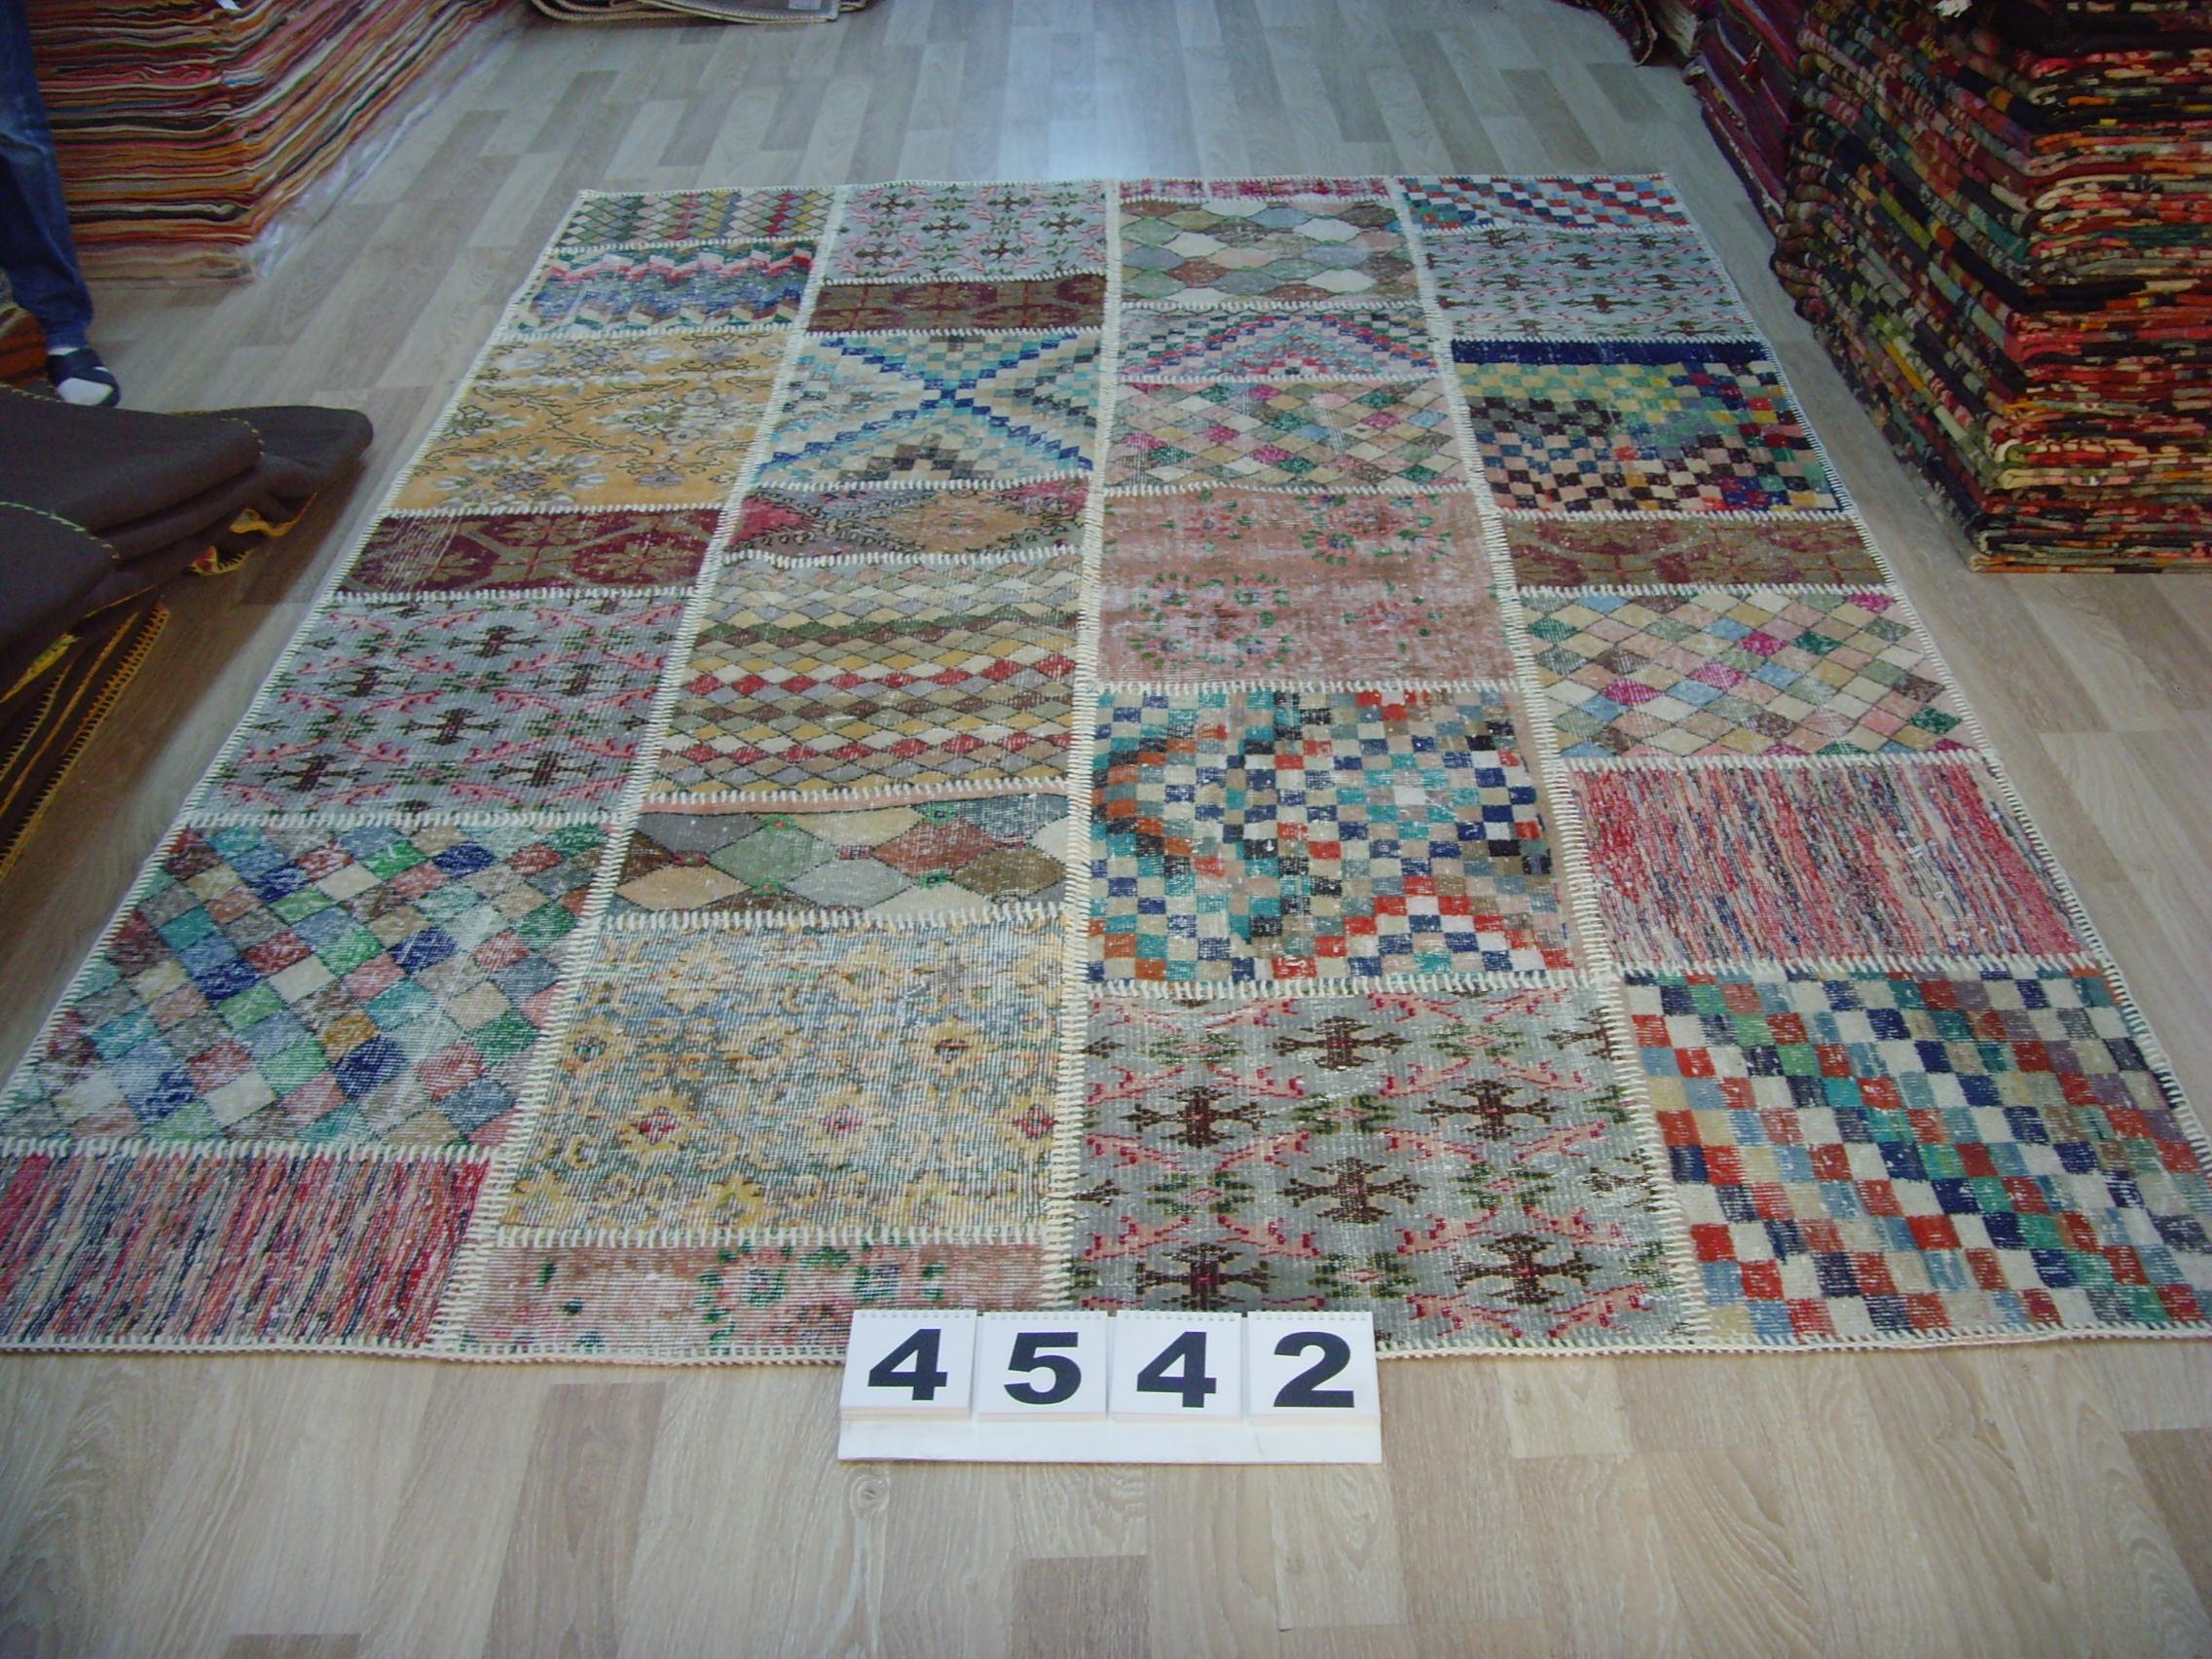 Patchwork vloerkleed   4539  (296cm x 198cm) gemaakt vintage vloerkleden incl.onderkleed van katoen.